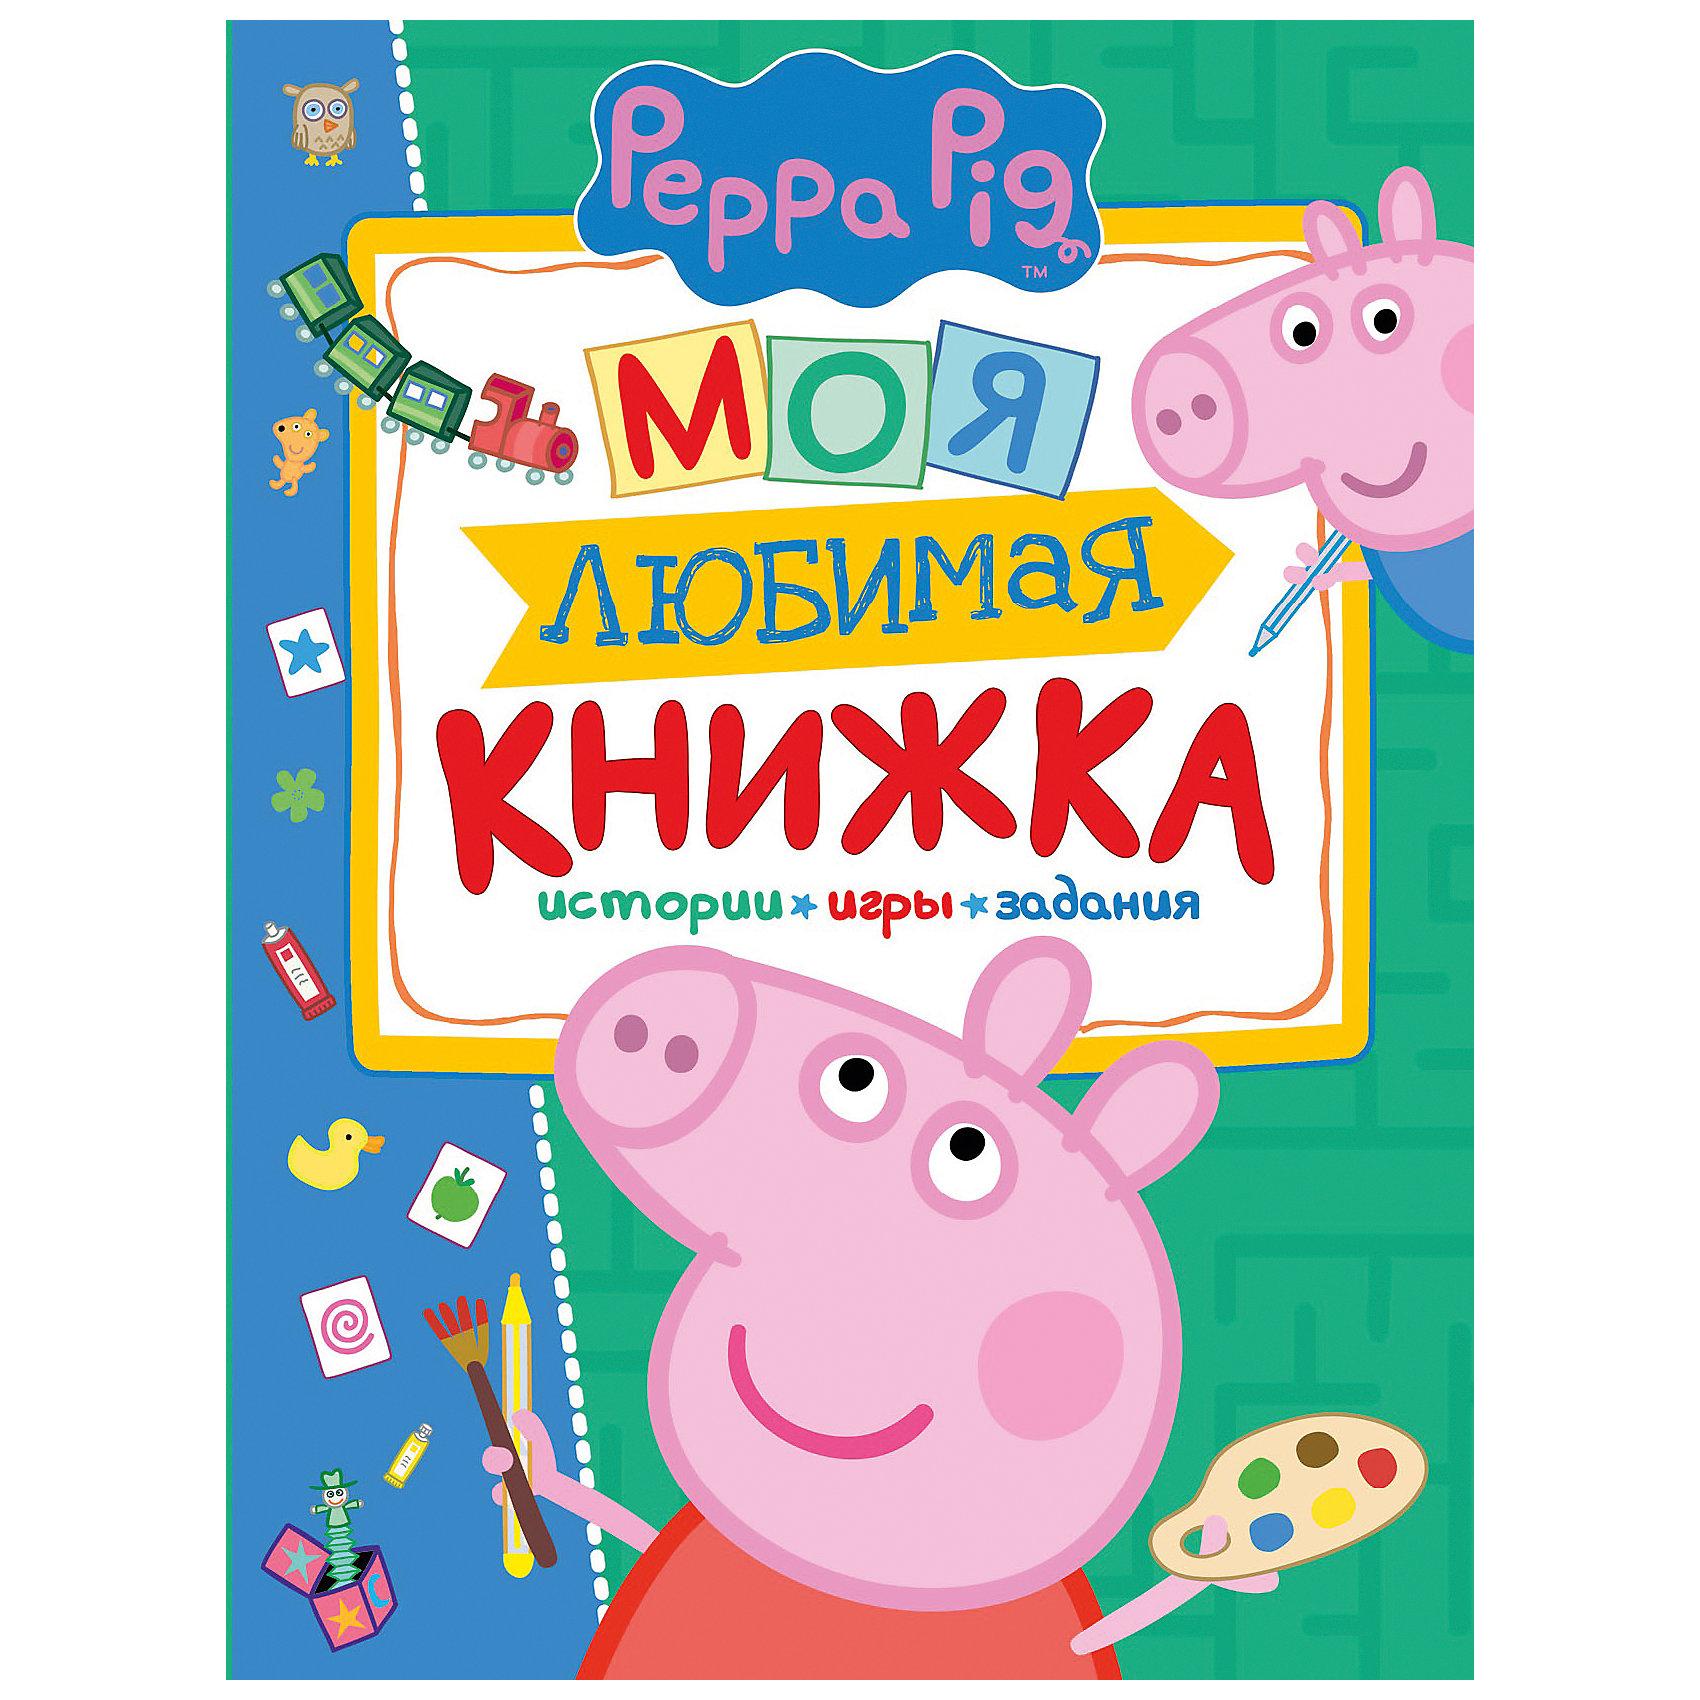 Моя любимая книжка Свинка ПеппаСвинка Пеппа<br>Моя любимая книжка Свинка Пеппа - это красочно оформленная книга с головоломками, заданиями и интересными историями.<br>На страницах этой книги ваш малыш сможет поиграть вместе с героиней любимого мультфильма! Малышу будет интересно разглядывать рисунки в книге, где на каждой странице спрятаны предметы, которые нужно найти. Можно пофантазировать и сочинить историю о приключениях Свинки Пеппы и её друзей. Играя с красочной книжкой, ребенок будет развивать усидчивость, внимательность, зрительное восприятие, речь.<br><br>Дополнительная информация:<br><br>- Редактор: Смилевска Л.<br>- Издательство: Росмэн<br>- Тип обложки: твердый переплет<br>- Иллюстрации: цветные<br>- Количество страниц: 128<br>- Размер: 283 х 218 x 12 мм.<br>- Вес: 583 гр.<br><br>Книгу Моя любимая книжка Свинка Пеппа можно купить в нашем интернет-магазине.<br><br>Ширина мм: 283<br>Глубина мм: 218<br>Высота мм: 12<br>Вес г: 583<br>Возраст от месяцев: 36<br>Возраст до месяцев: 60<br>Пол: Унисекс<br>Возраст: Детский<br>SKU: 4602287